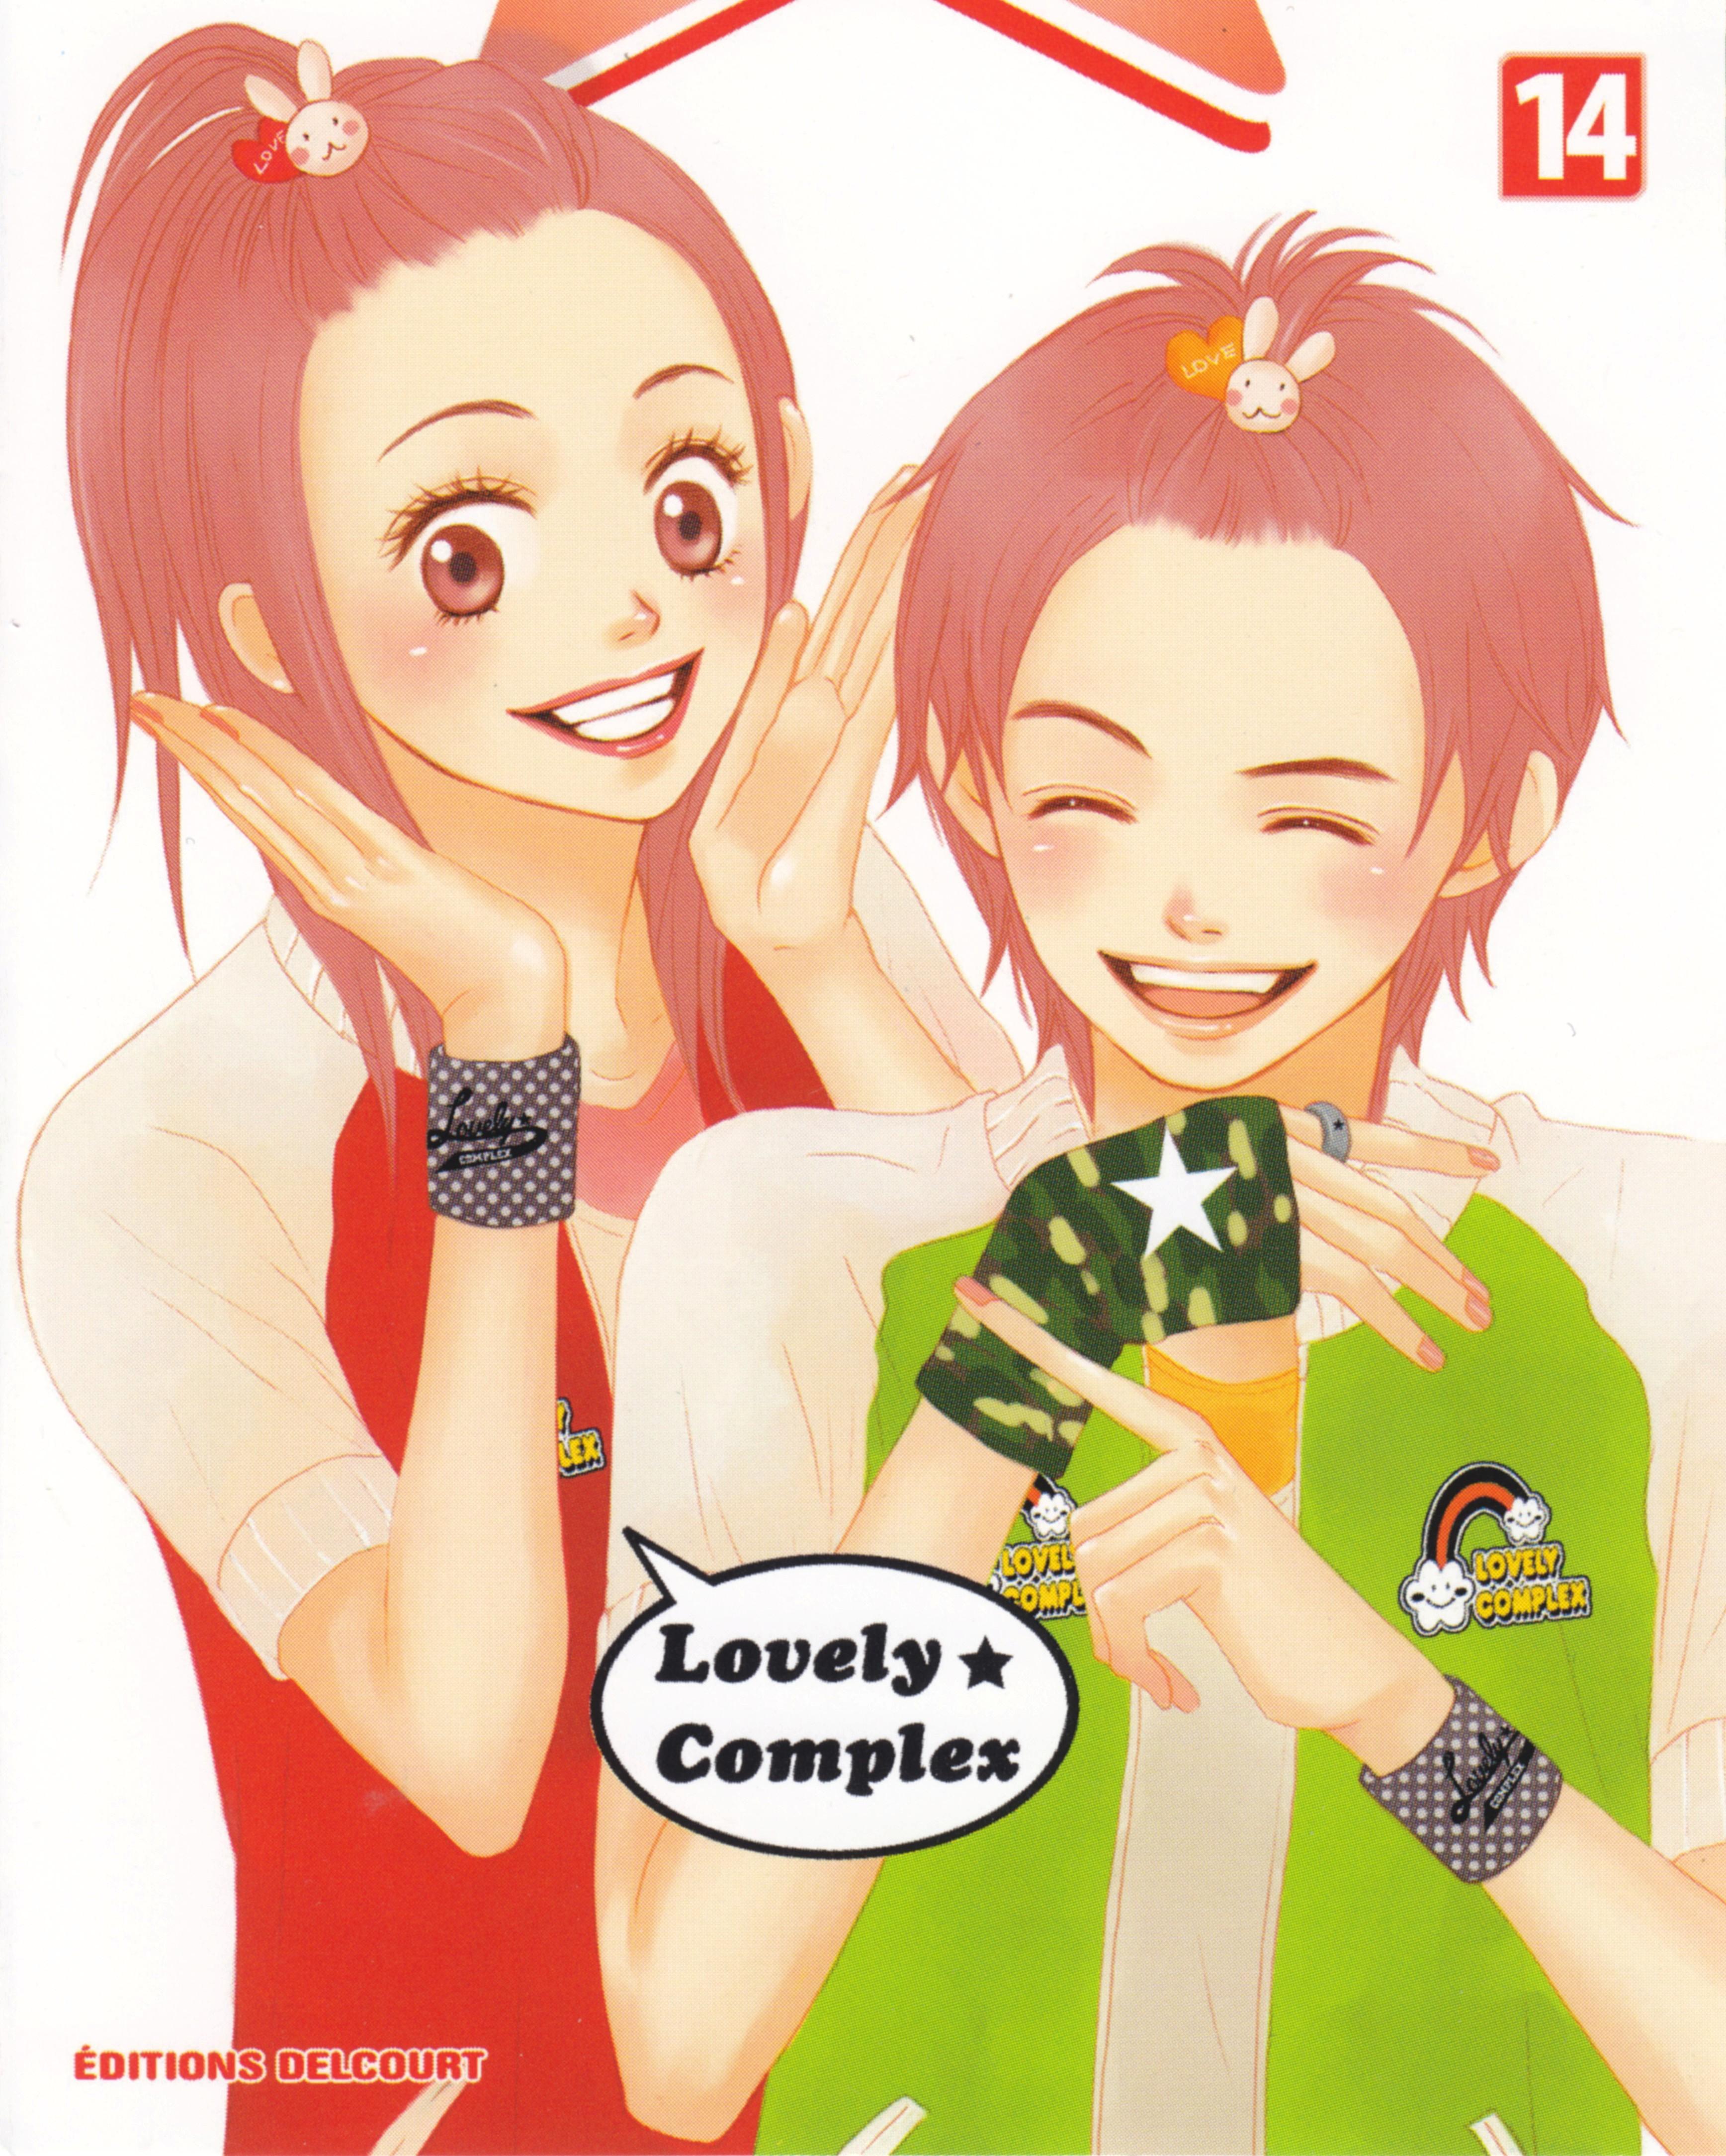 Lovely Complex/#638958 - Zerochan - 2611.1KB